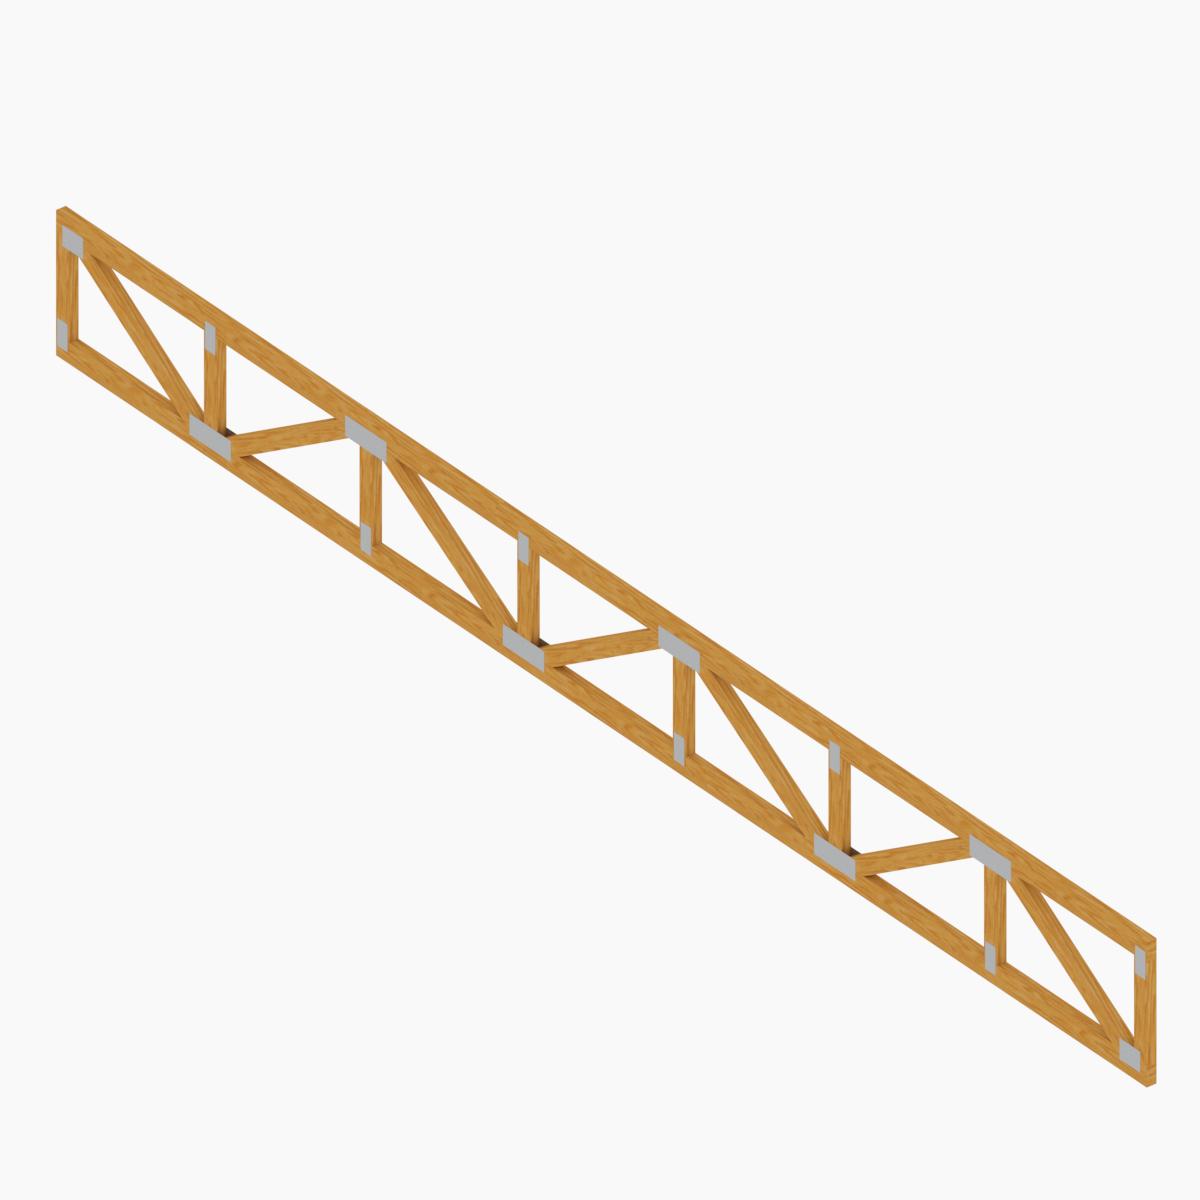 Viga Reticulada Prefabricada de Madera de Tecnopanel en BIM